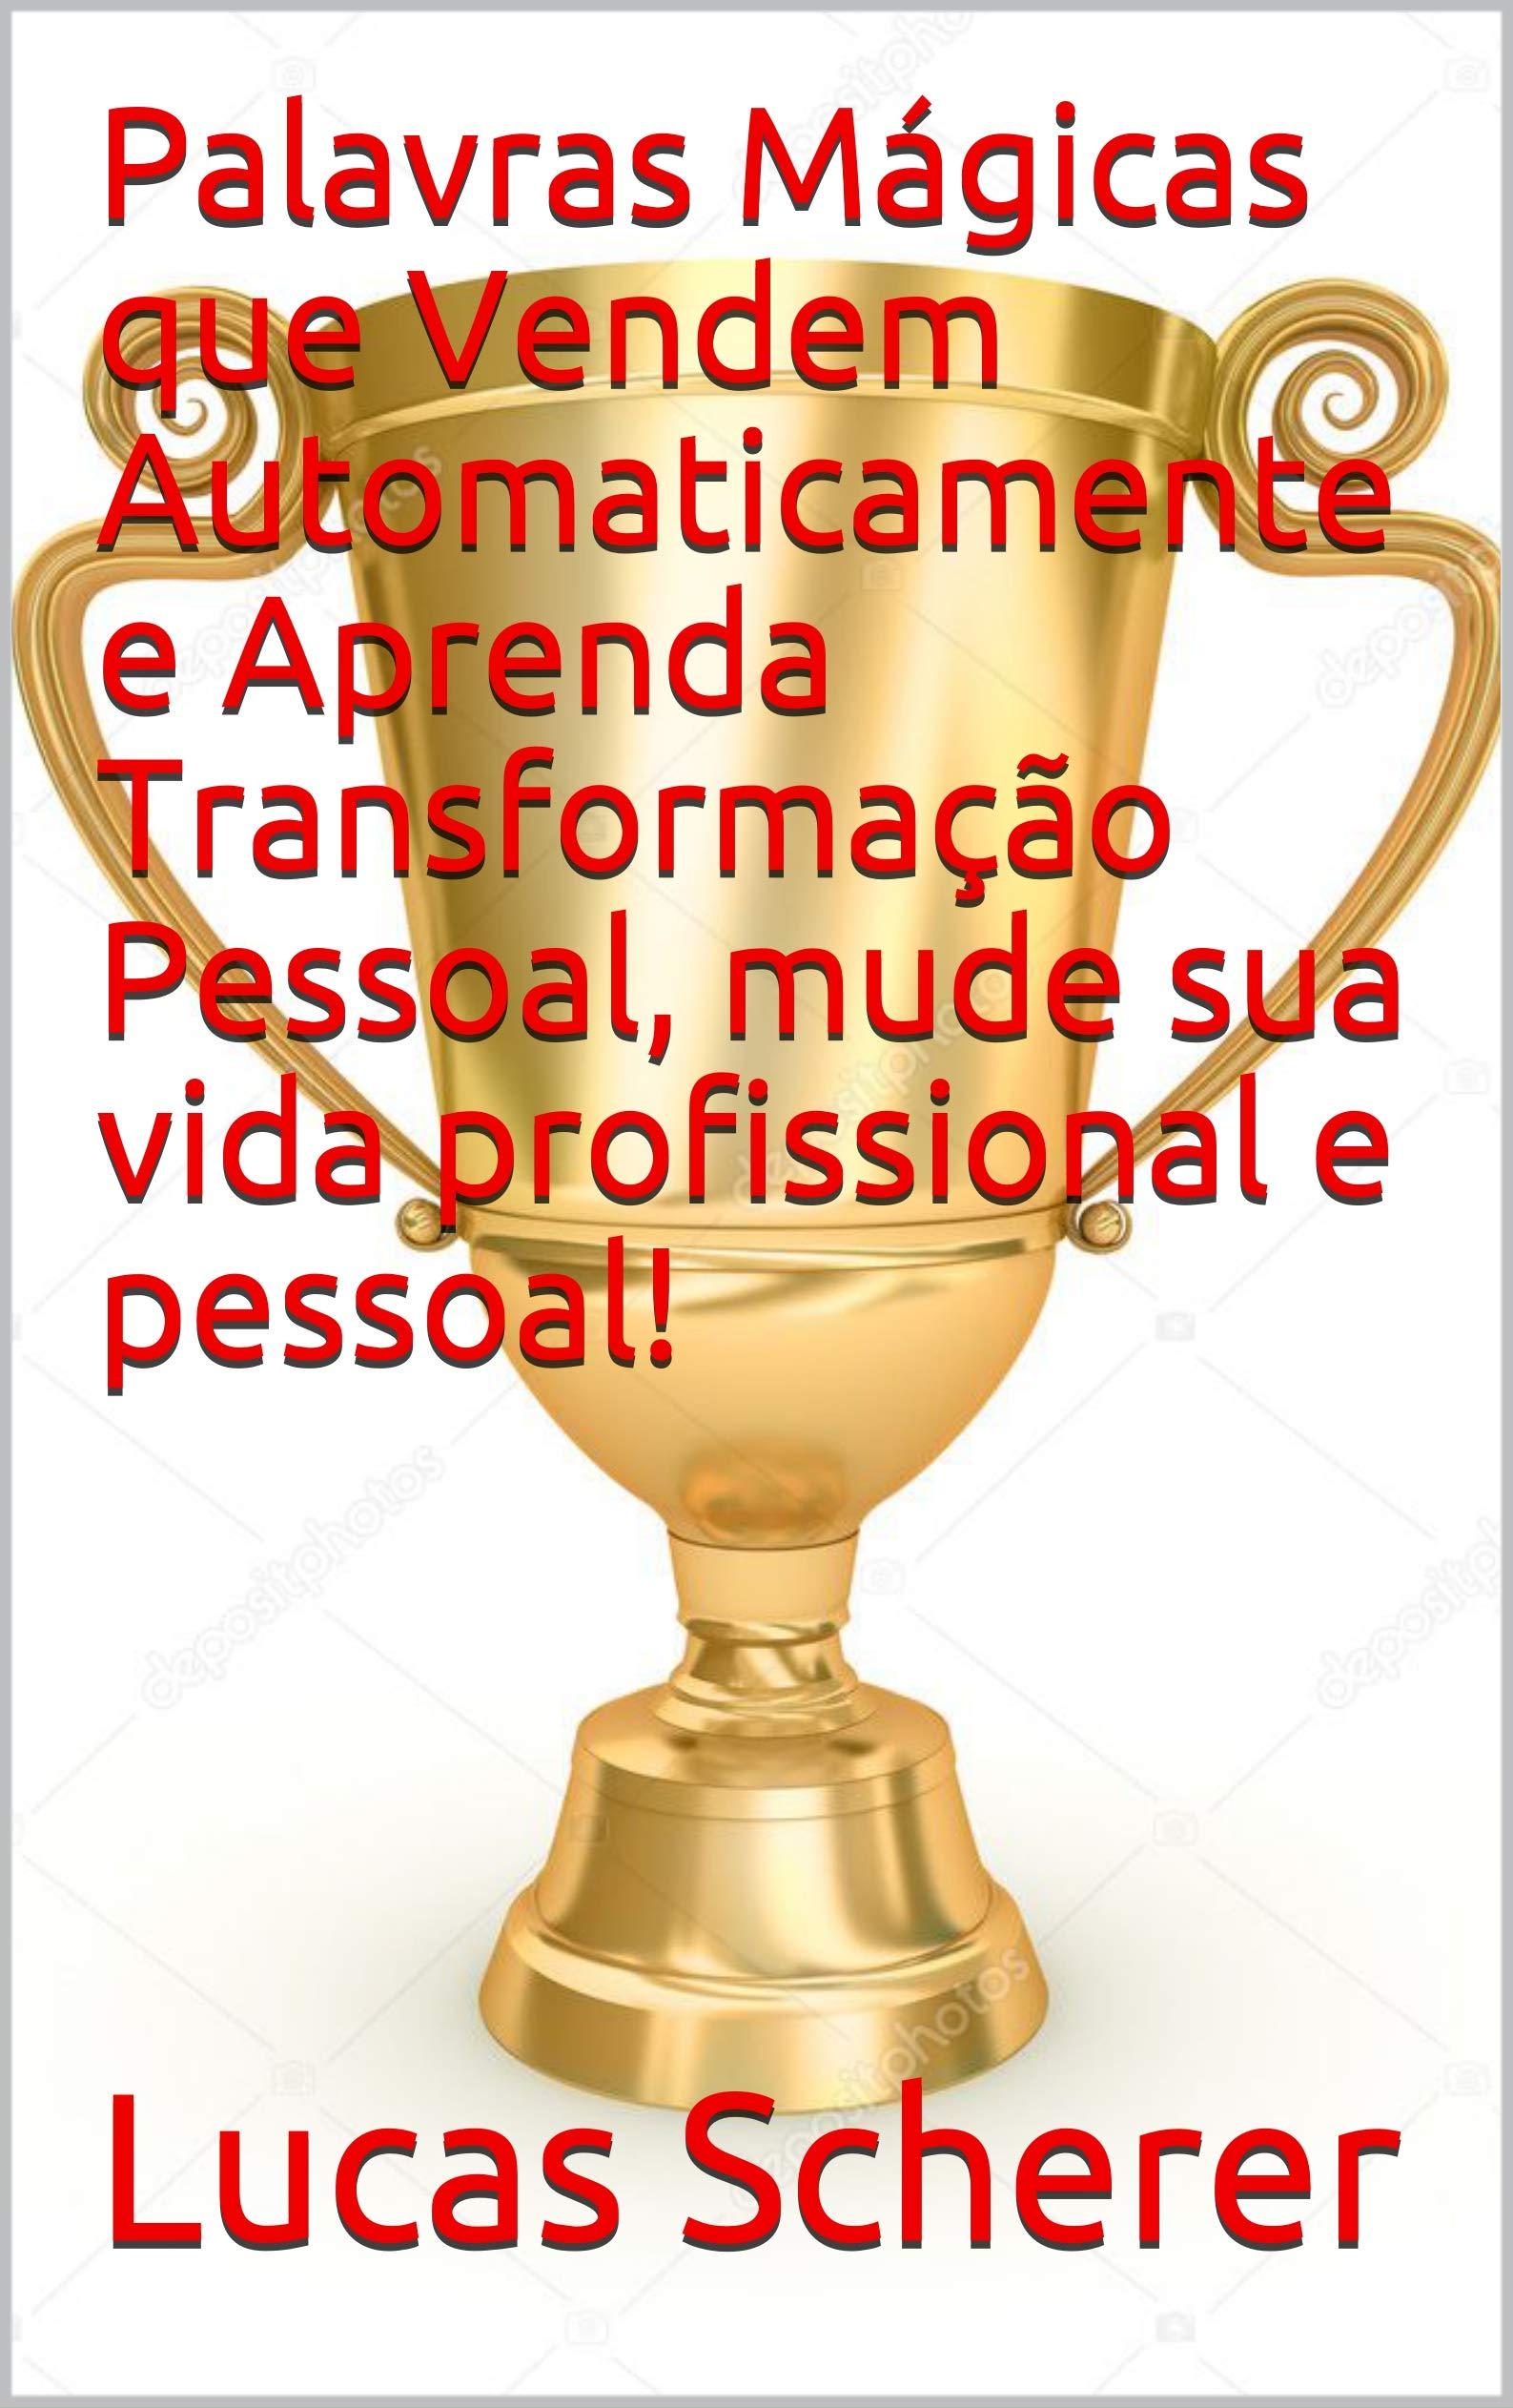 Palavras Mágicas que Vendem Automaticamente e Aprenda Transformação Pessoal, mude sua vida profissional e pessoal! (Portuguese Edition)